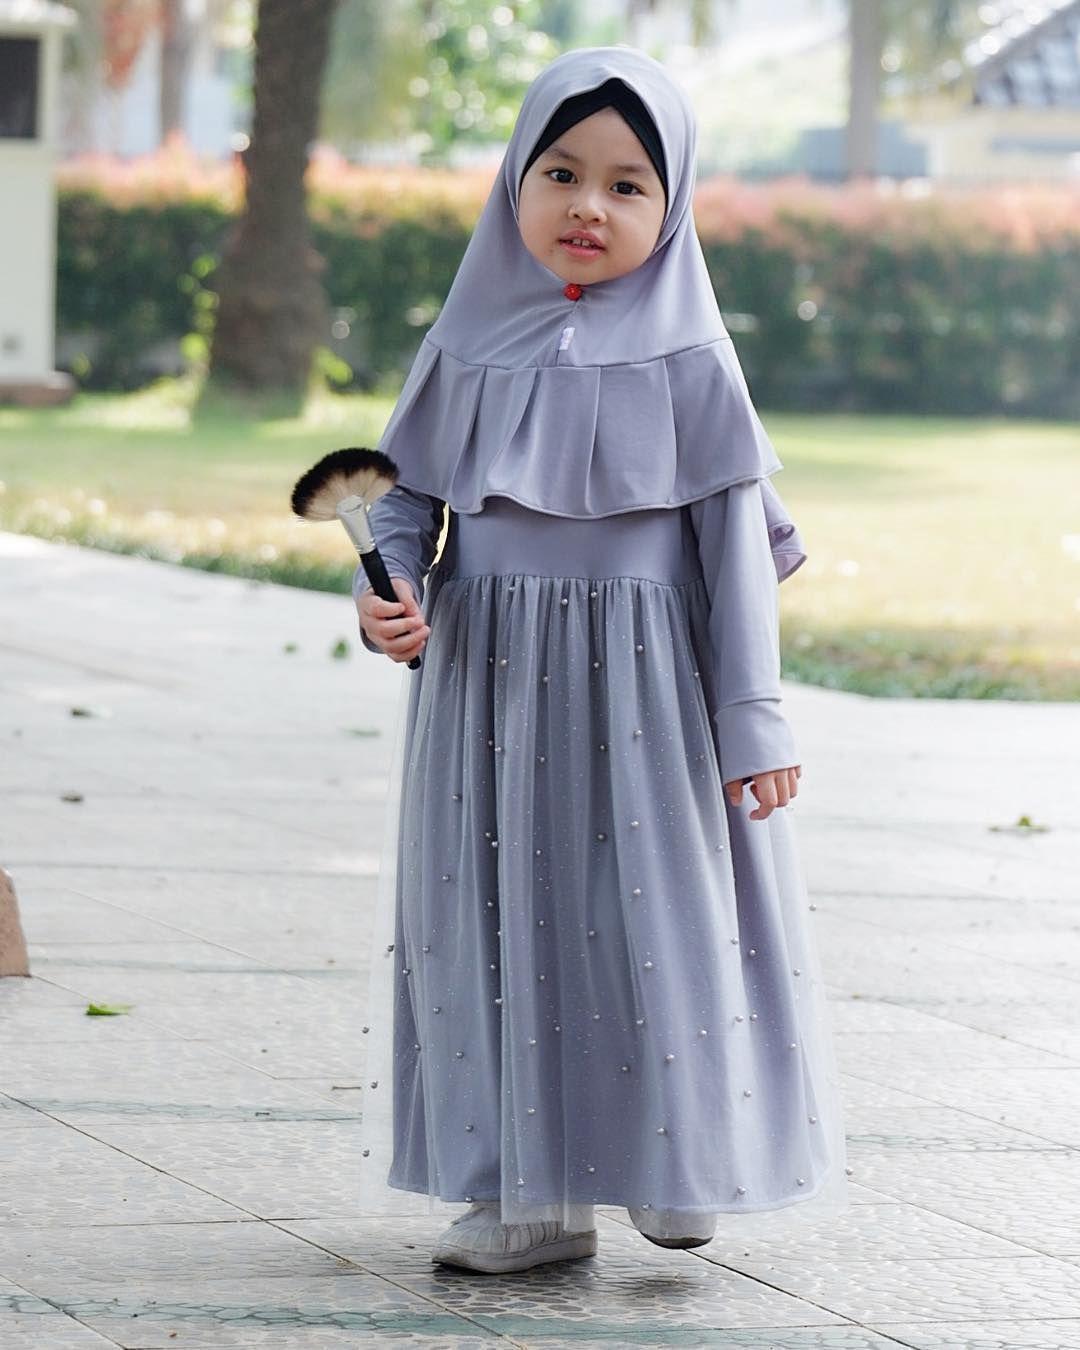 11 Model Gamis Anak Trendy Modis 11 – HijabTuts  Pakaian gadis